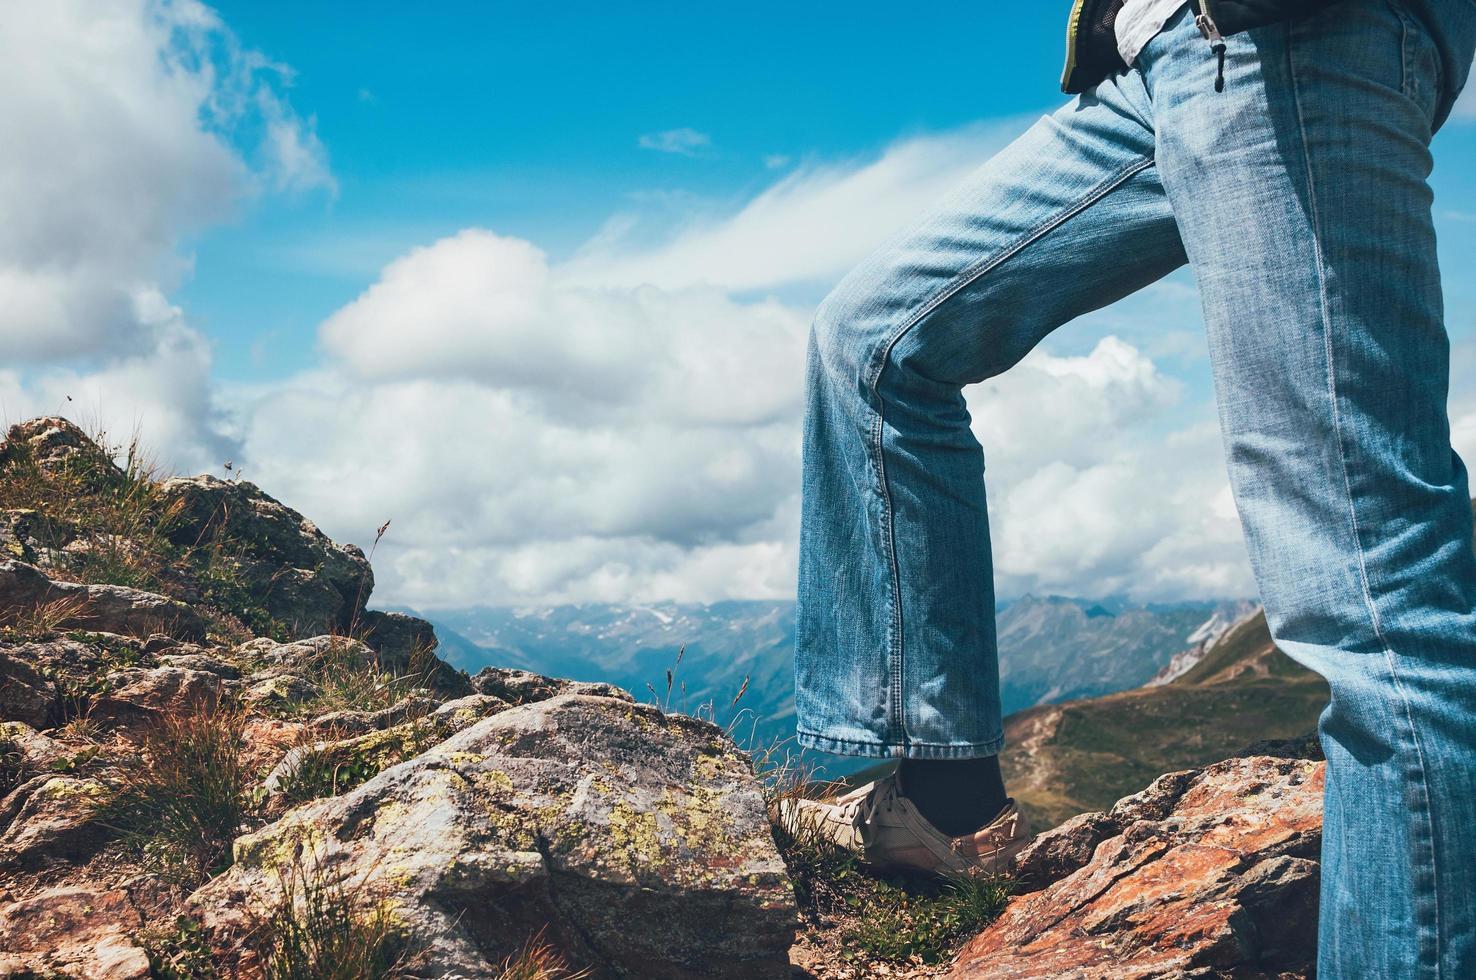 man benen staande op de top van de klif foto